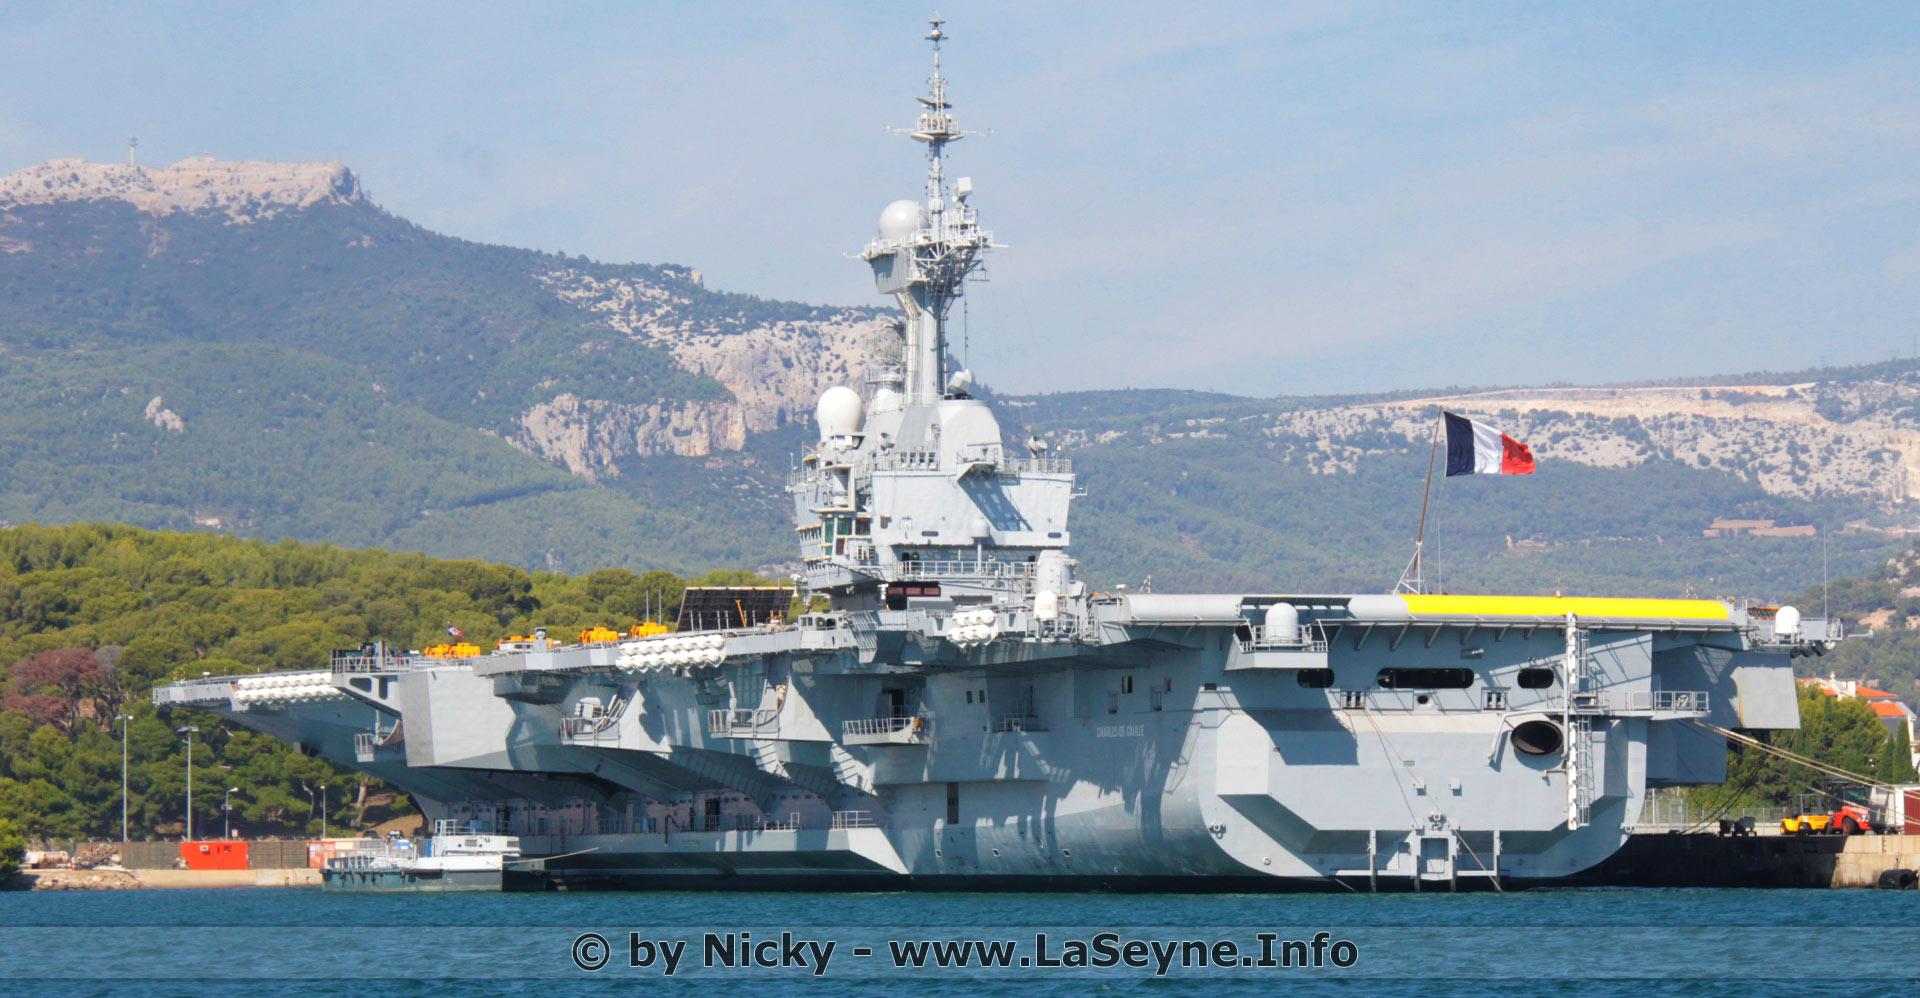 Laseyneinfo Le Porte Avions Charles De Gaulle A Quitté Toulon